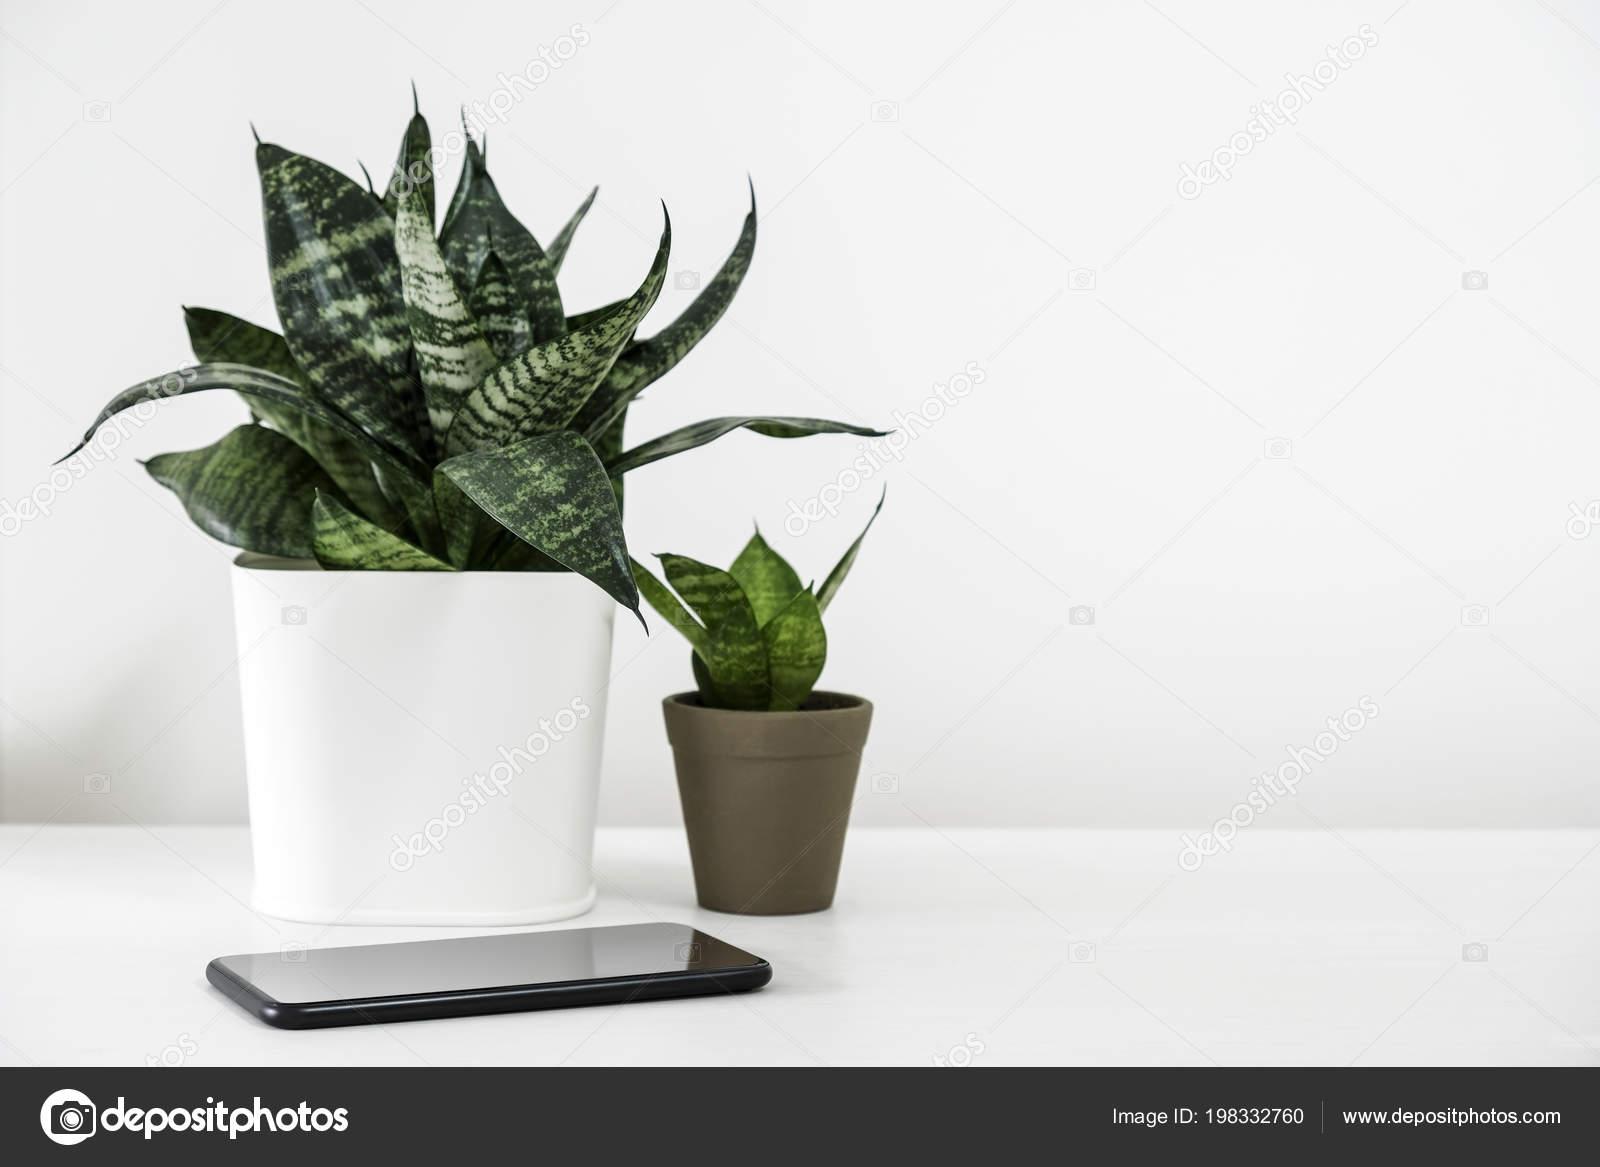 Sansevieria Trifasciata Snake Plant Pot Mobile Phone White Wooden Table Stock Photo C Myimagine 198332760